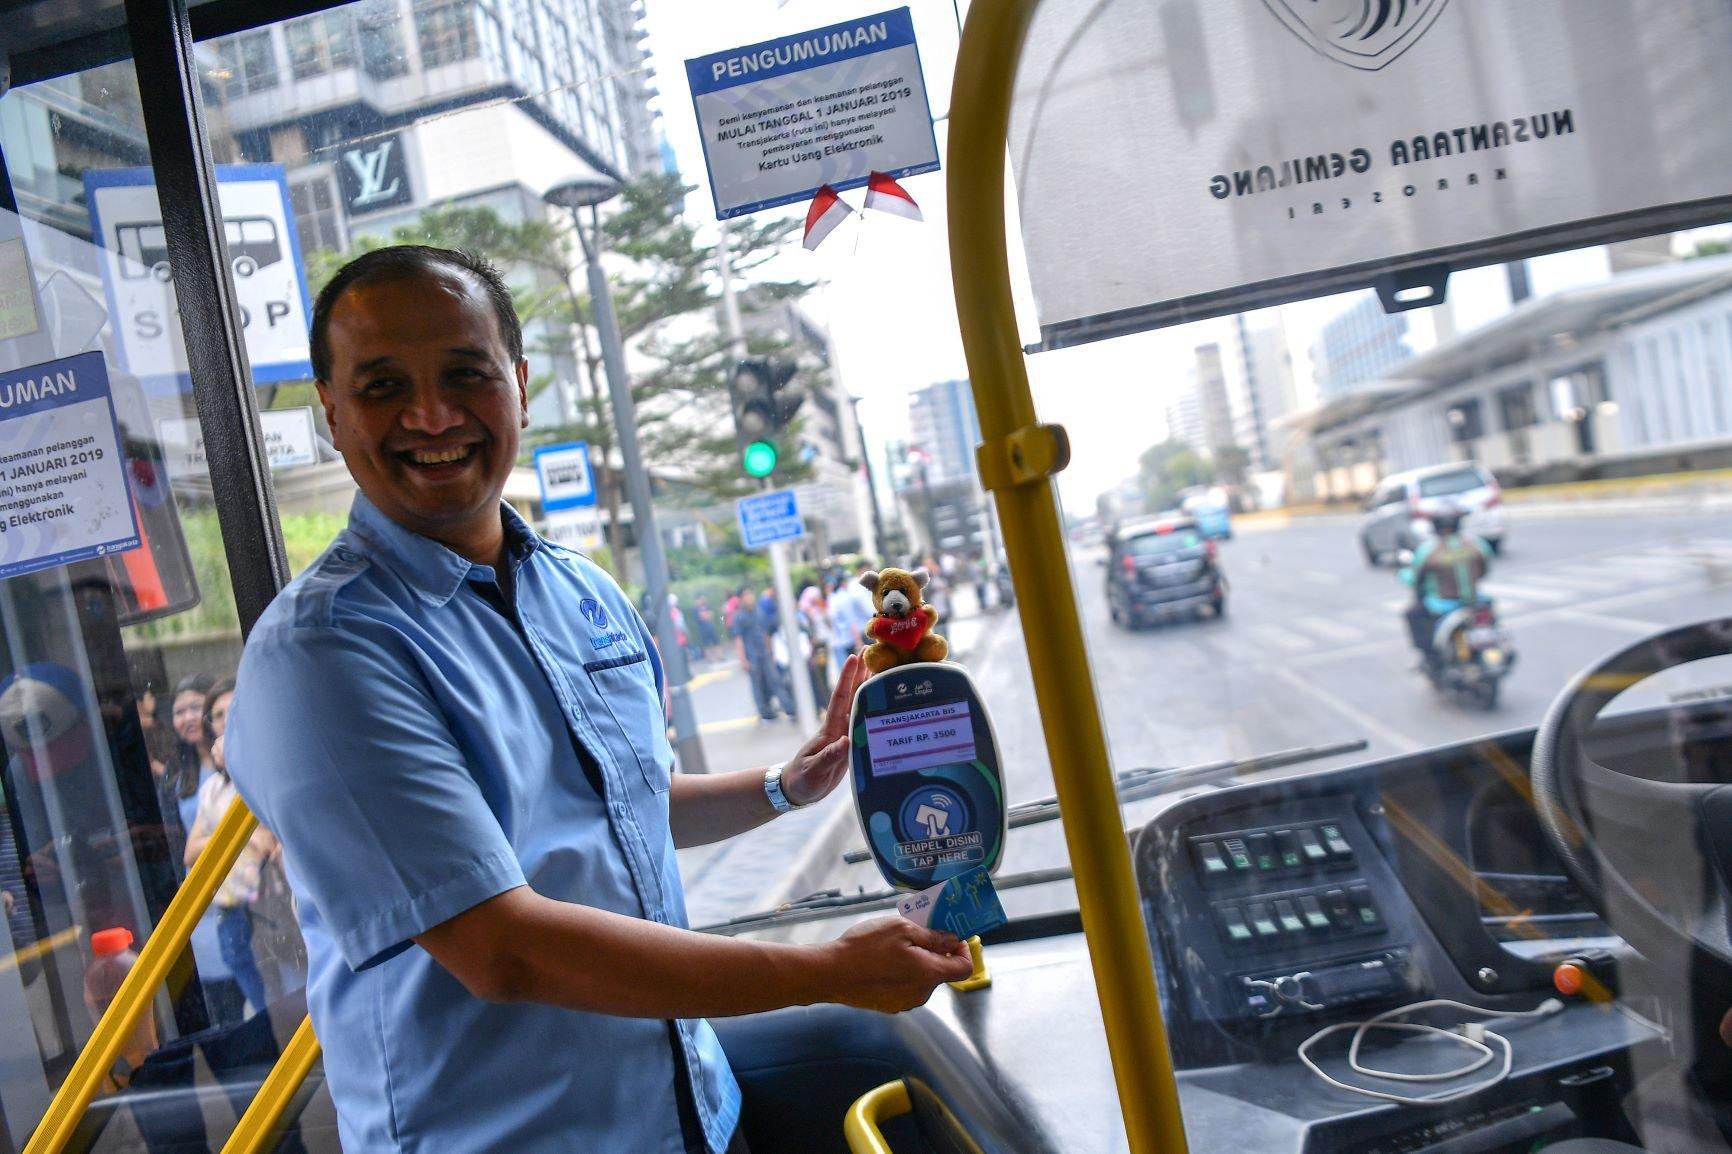 Sosialisasi Pembayaran Tap on Bus